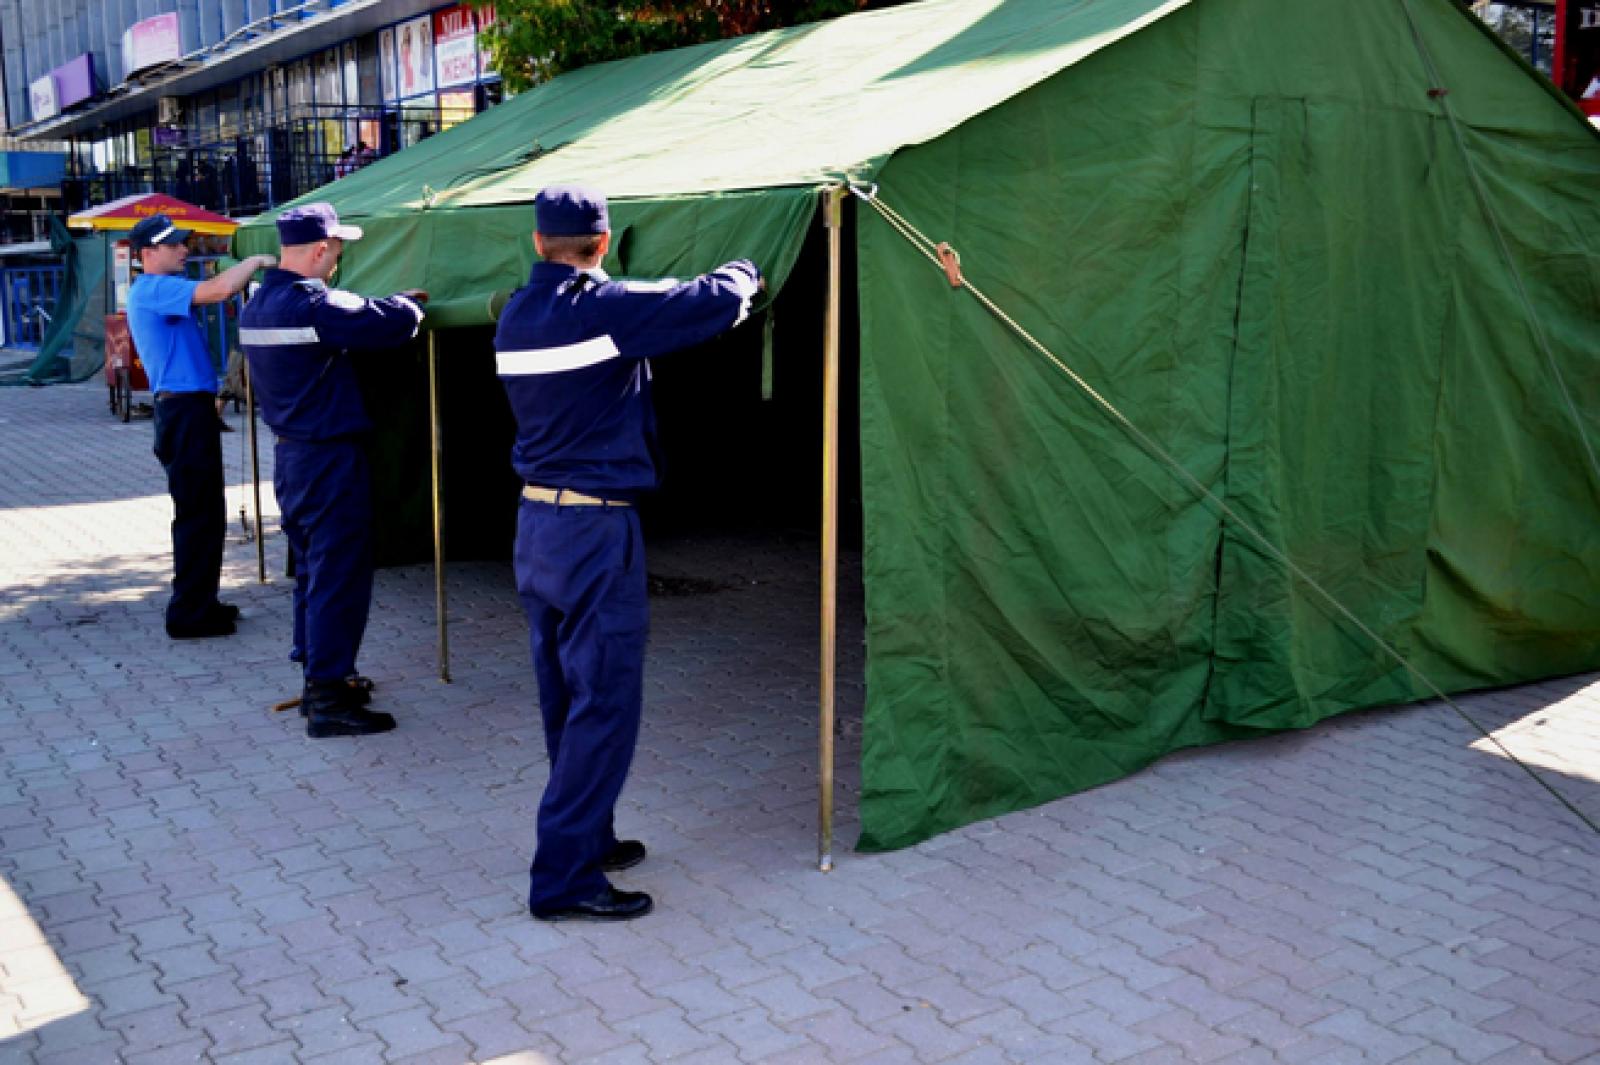 În capitală, cât și în raioanele Bălți, Cahul și Comrat, vor fi instalate corturi anticaniculă. Locurile unde vă puteți adresa